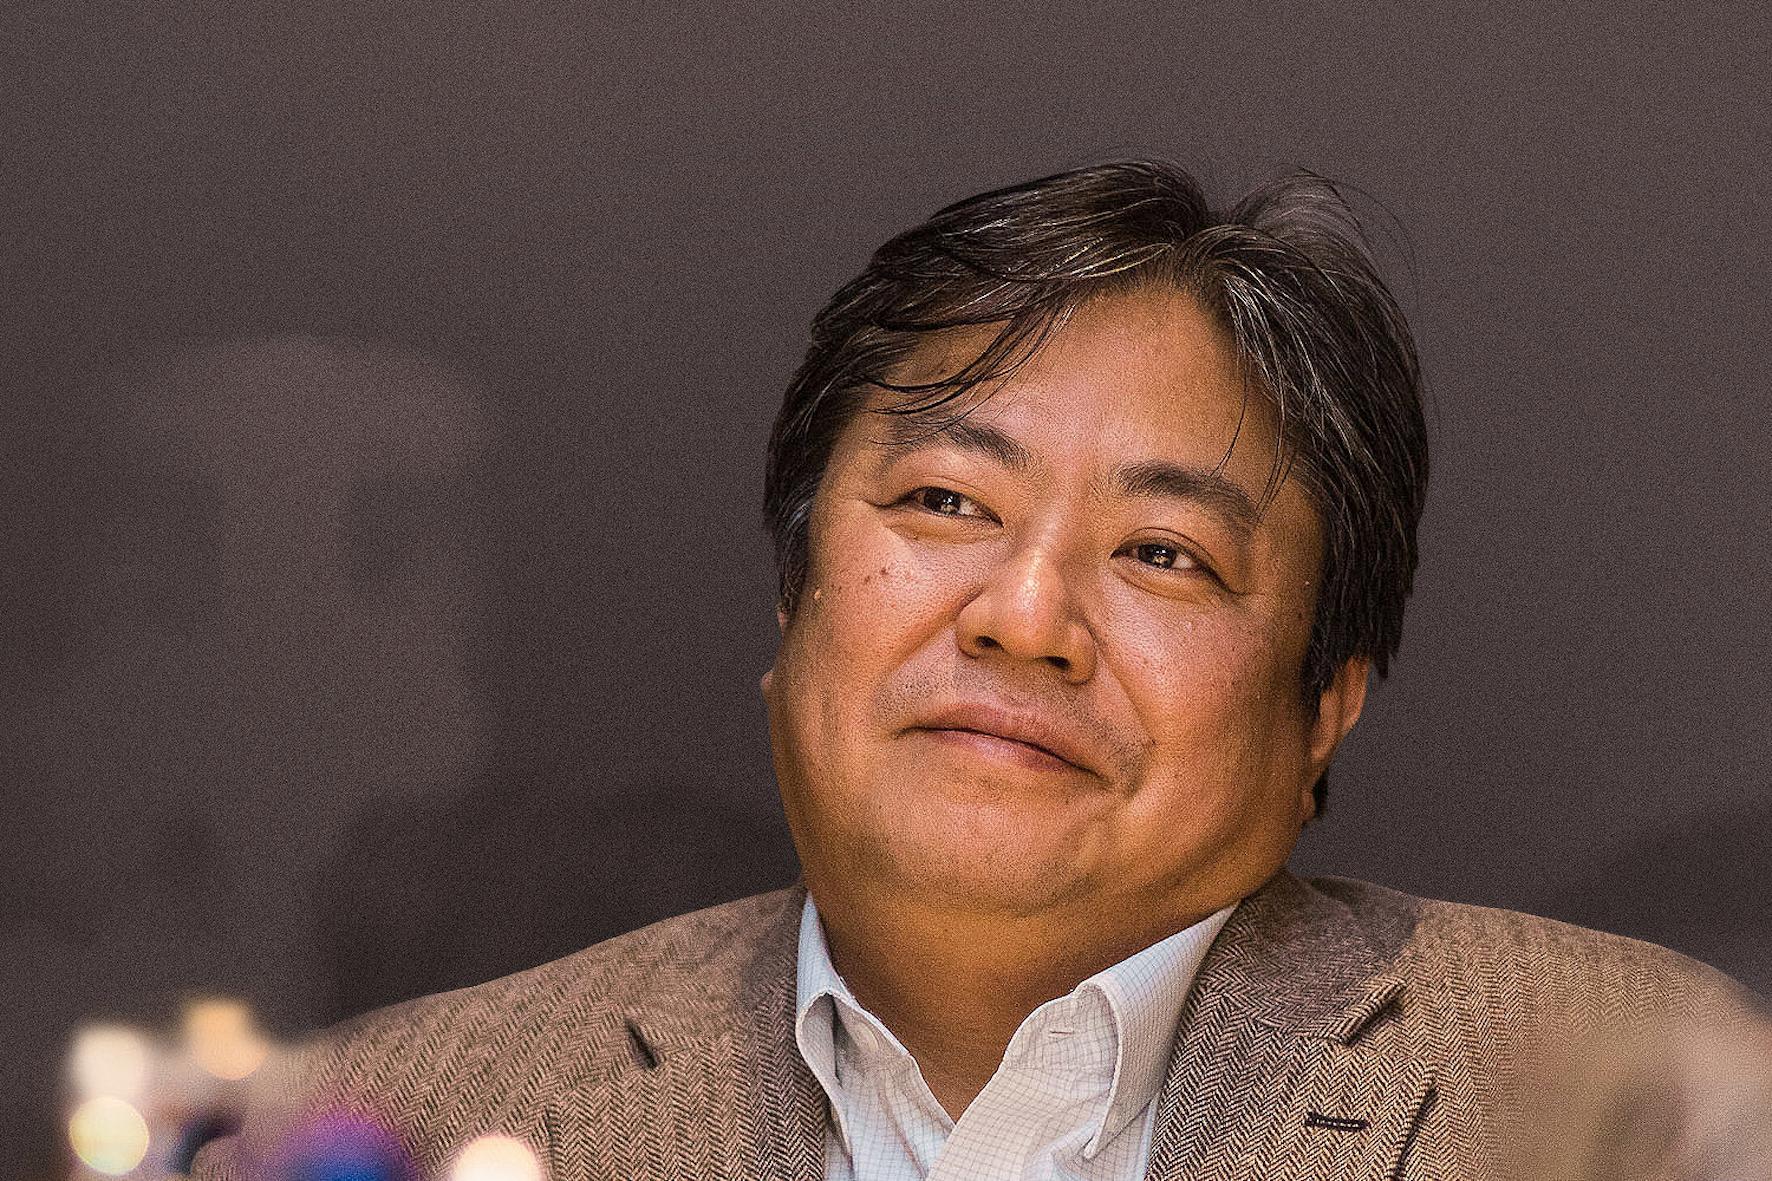 mid Groß-Gerau - Sukwon Kim hat jetzt als neuer Präsident die Geschäfte in der Firmenzentrale der Hyundai Motor Deutschland GmbH im hessischen Offenbach übernommen. Hyundai